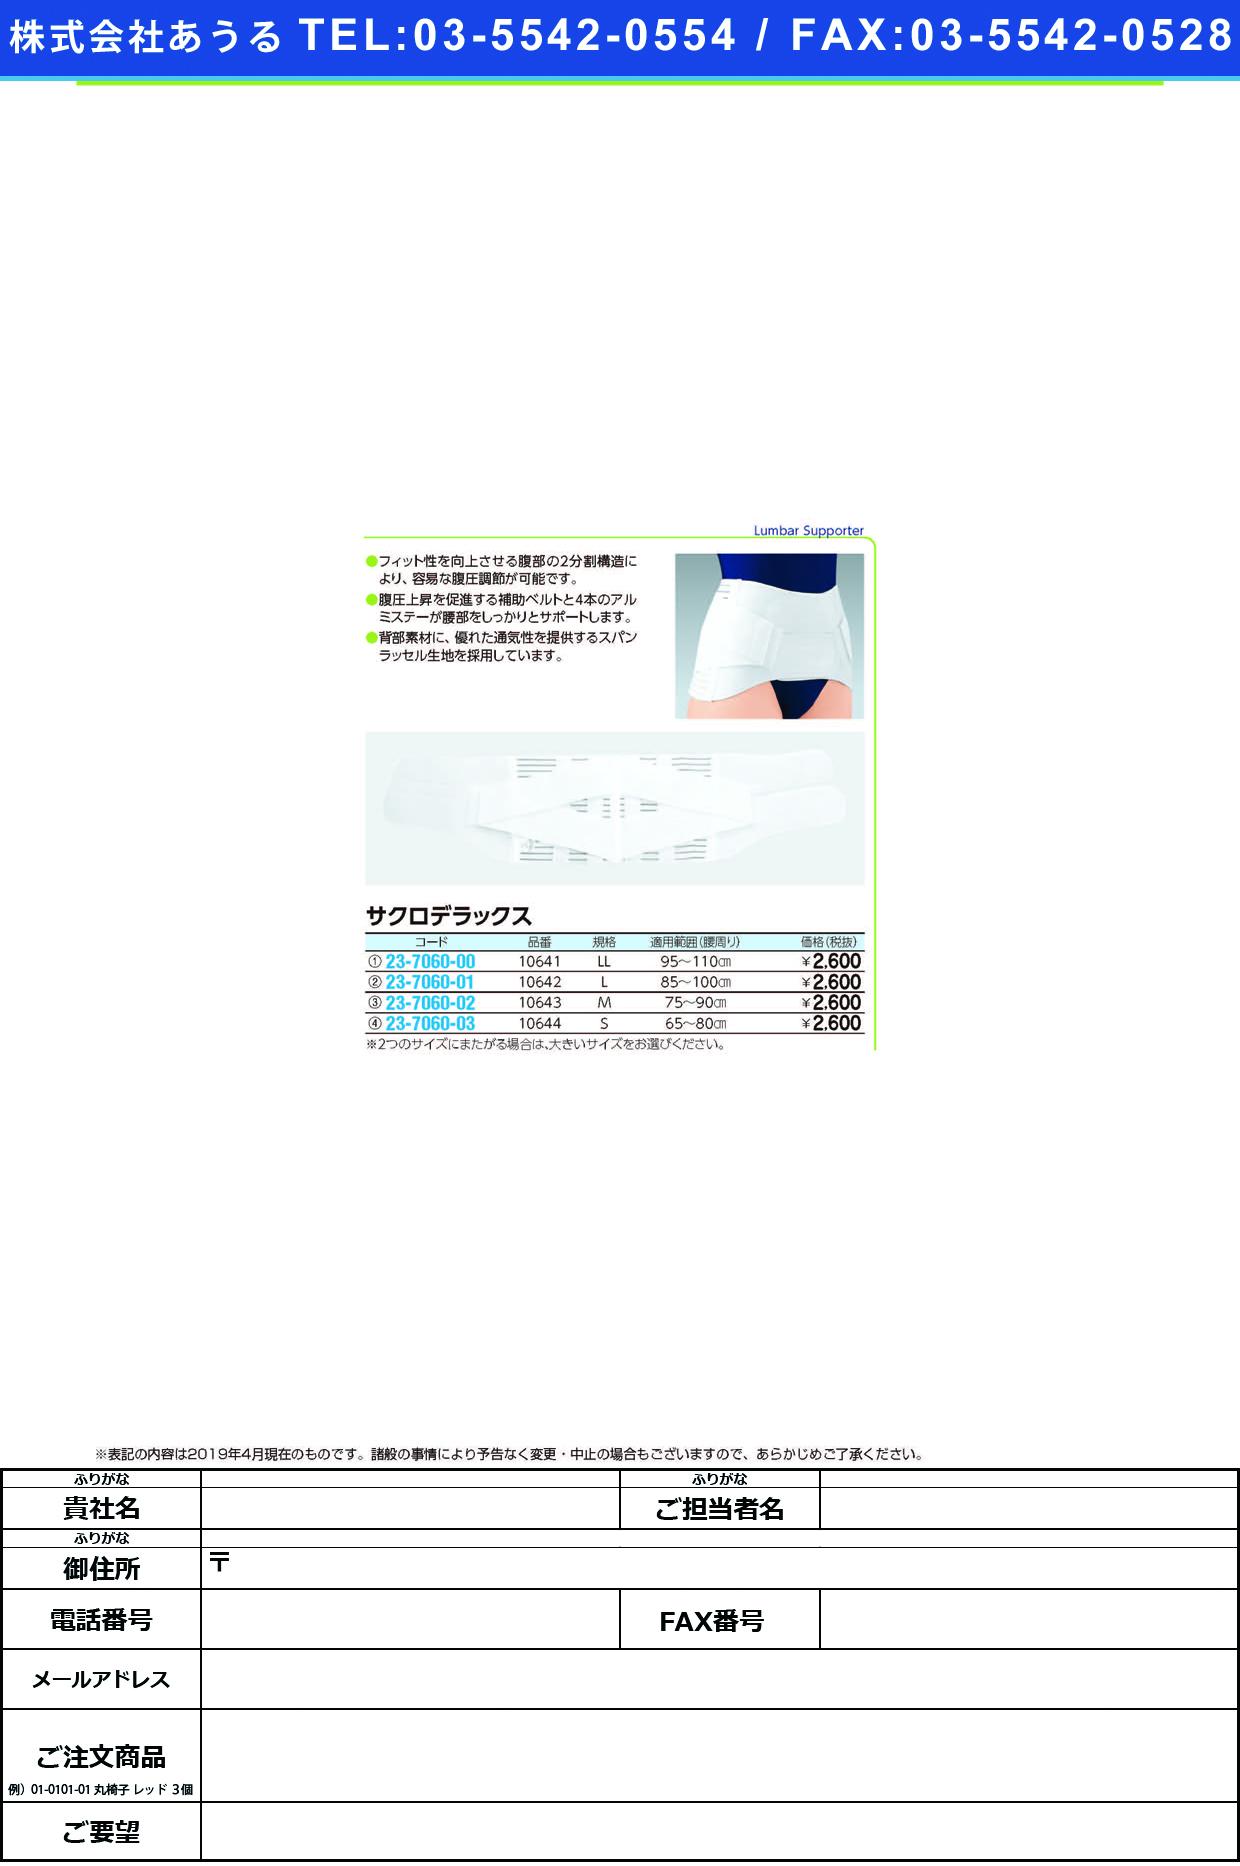 (23-7060-02)サクロデラックス(M) 10643(1コイリ)ホワイト サクロデラックス(M)(アルケア)【1箱単位】【2019年カタログ商品】